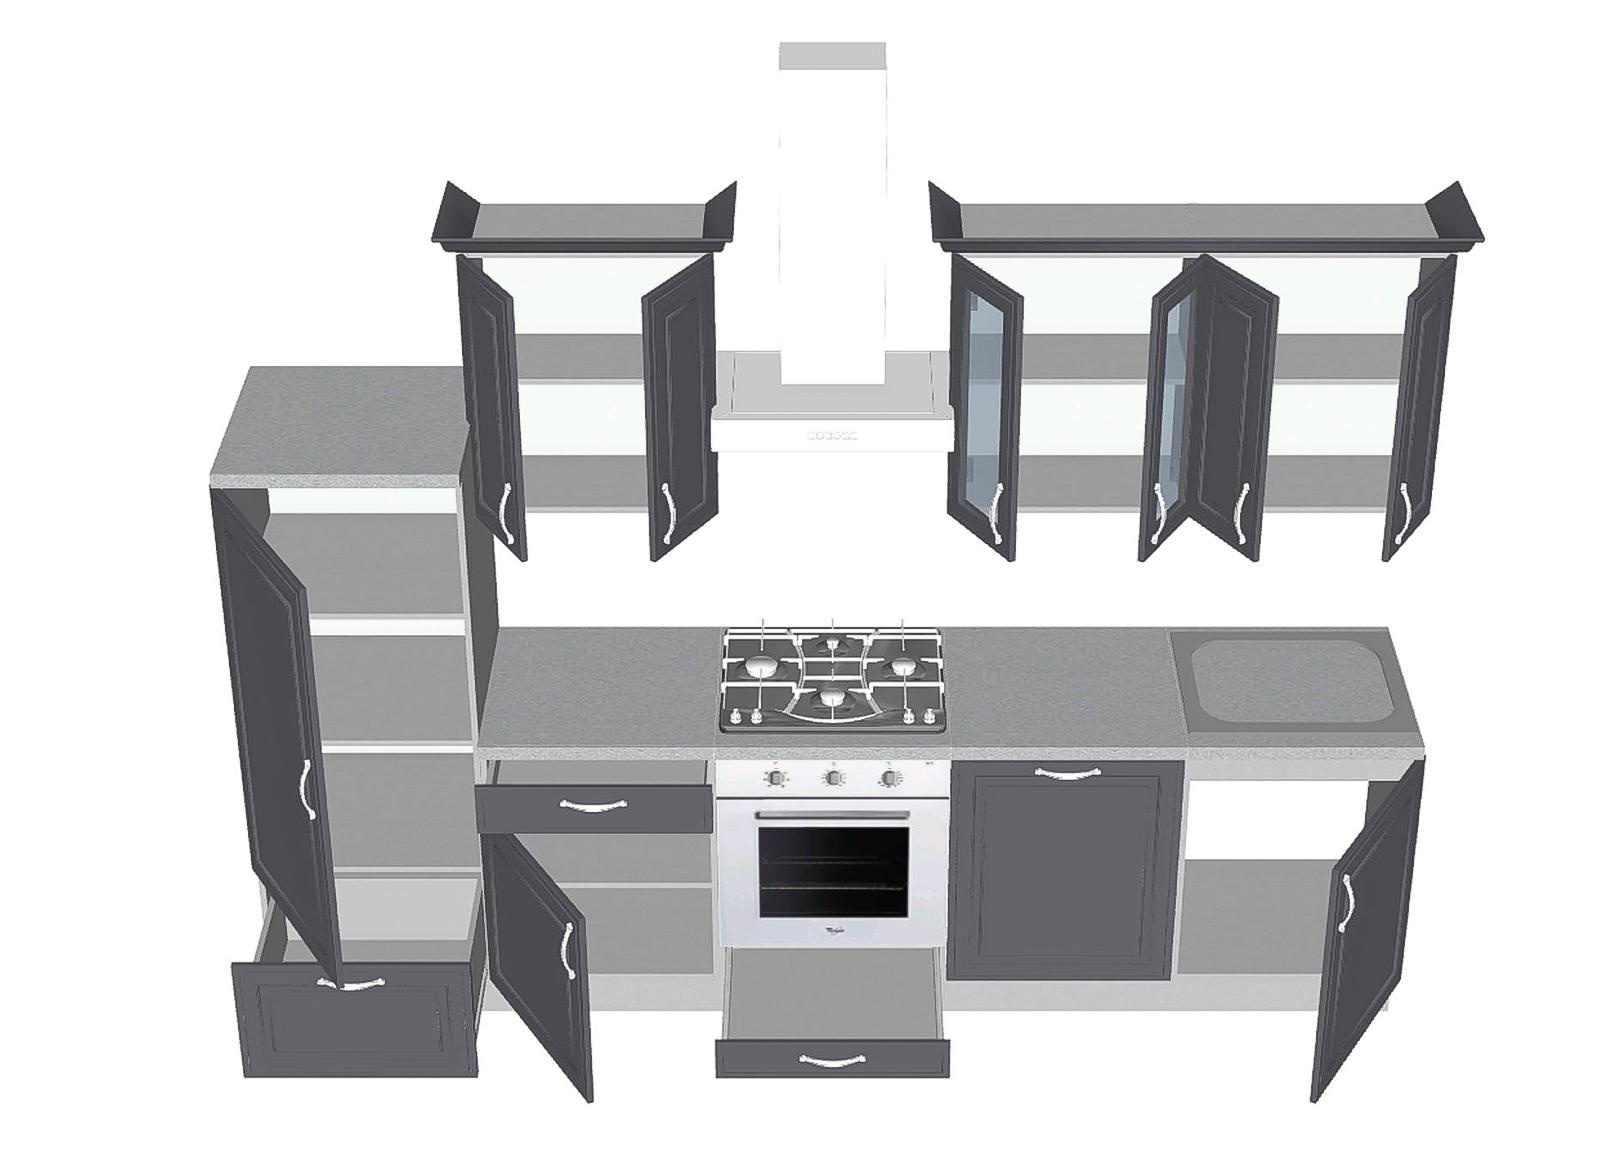 Full Size of Miele Komplettküche Komplettküche Mit Geräten Komplettküche Billig Teppich Küchekomplettküche Mit Elektrogeräten Küche Komplettküche